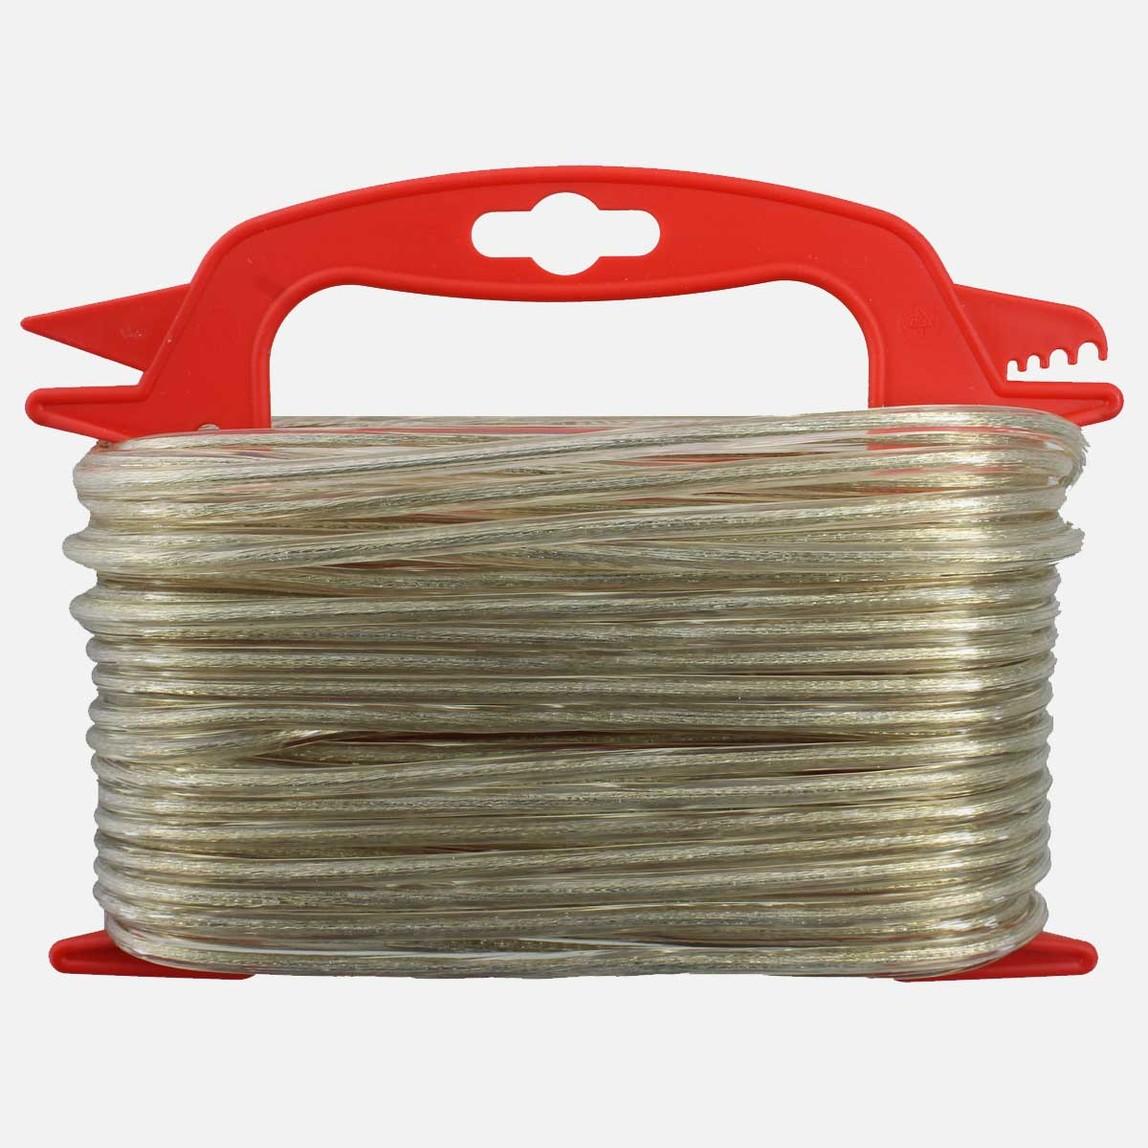 Çelik Çamaşır Teli 5 mm, 20 m.